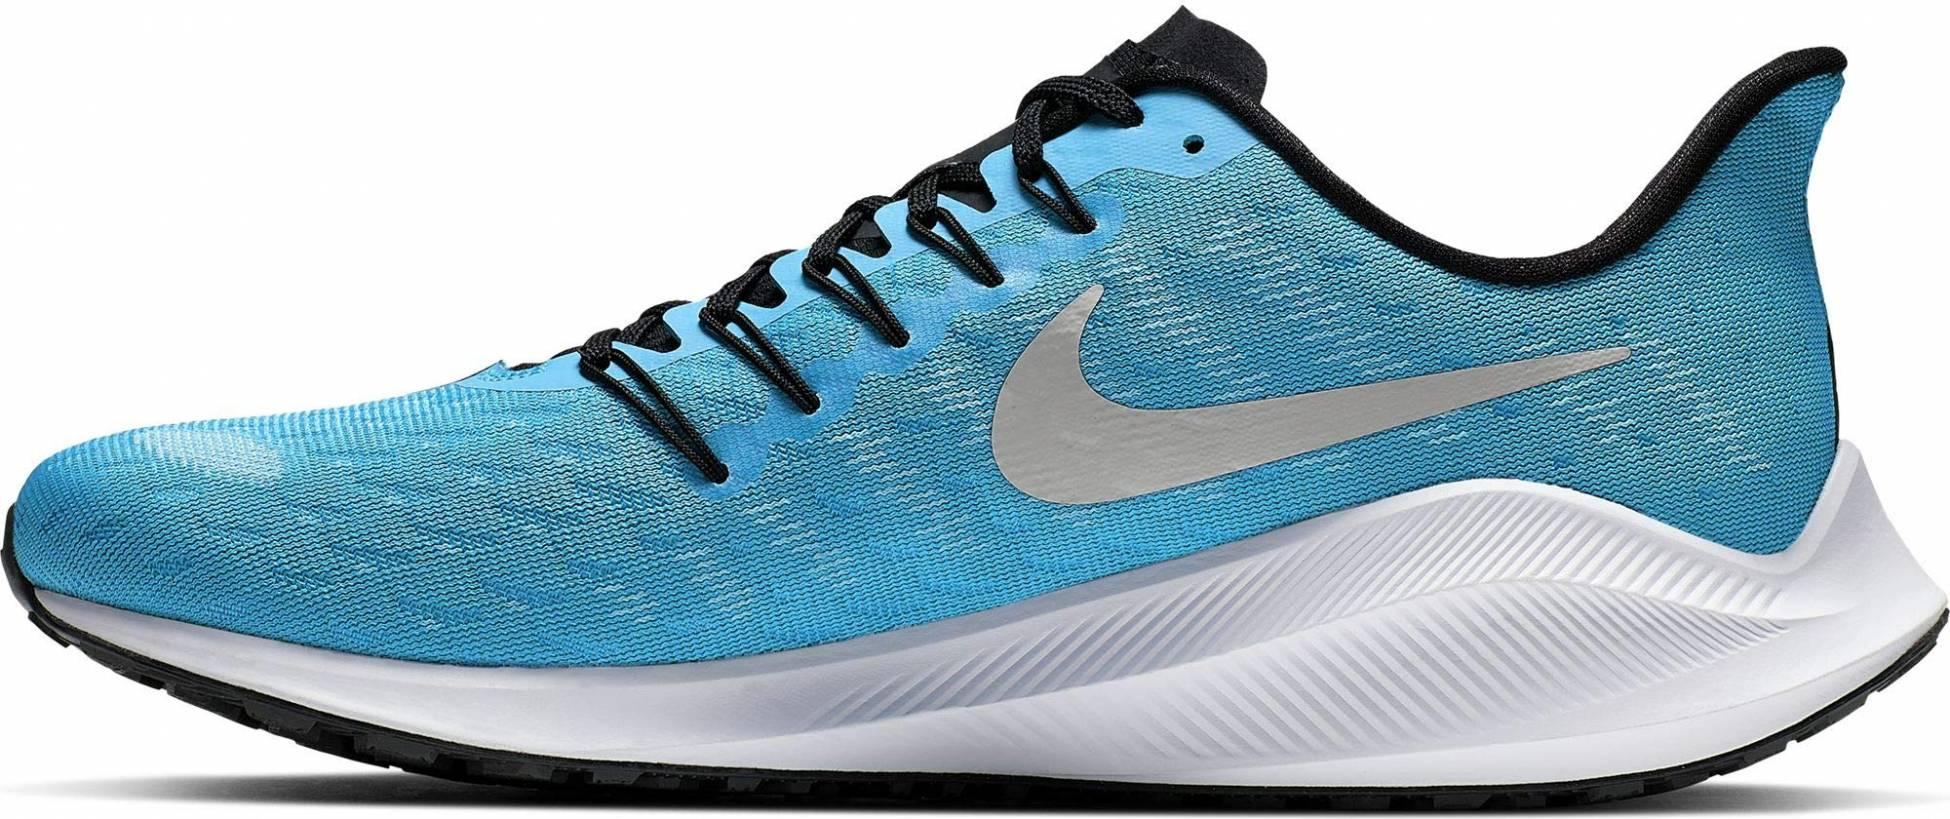 nike na blue running shoes